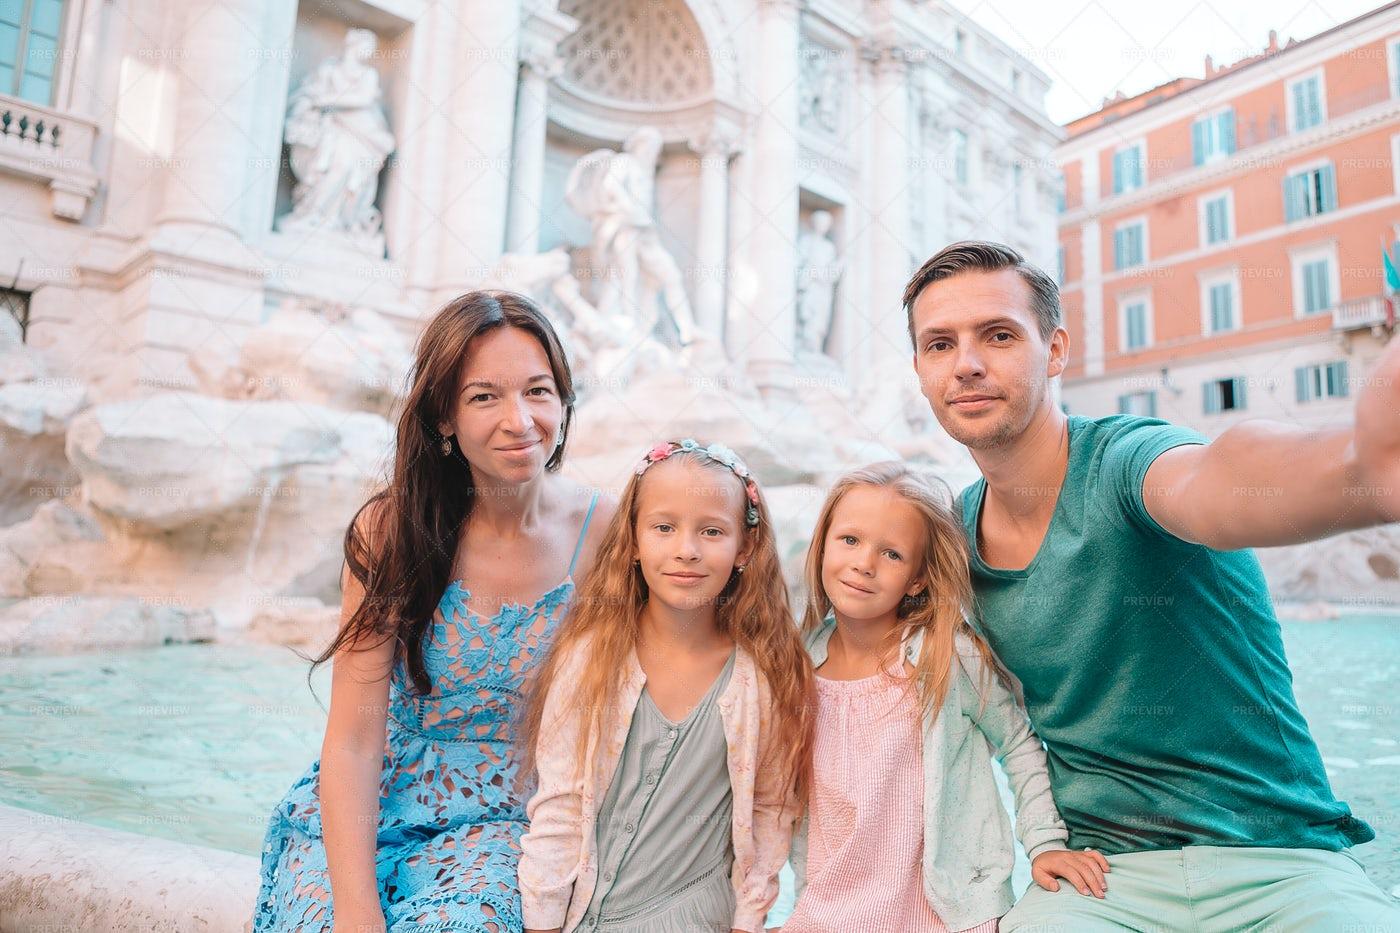 Family At Trevi Fountain: Stock Photos